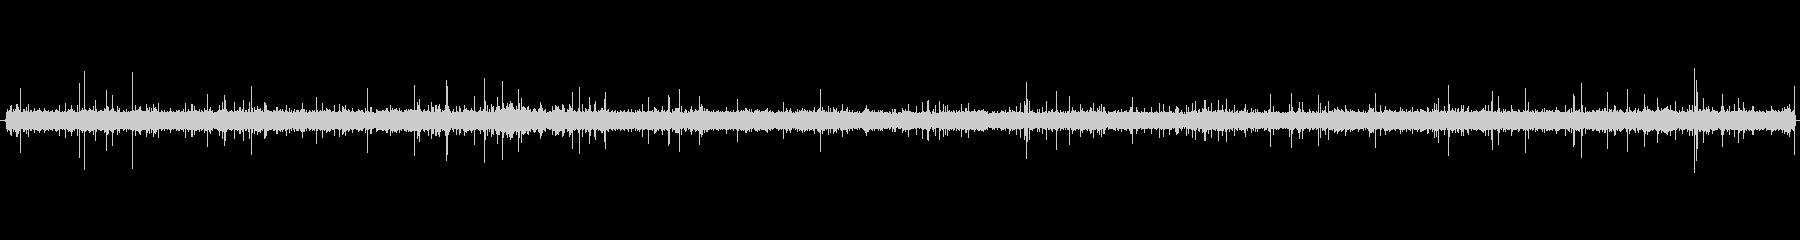 森 鳥の雨01の未再生の波形